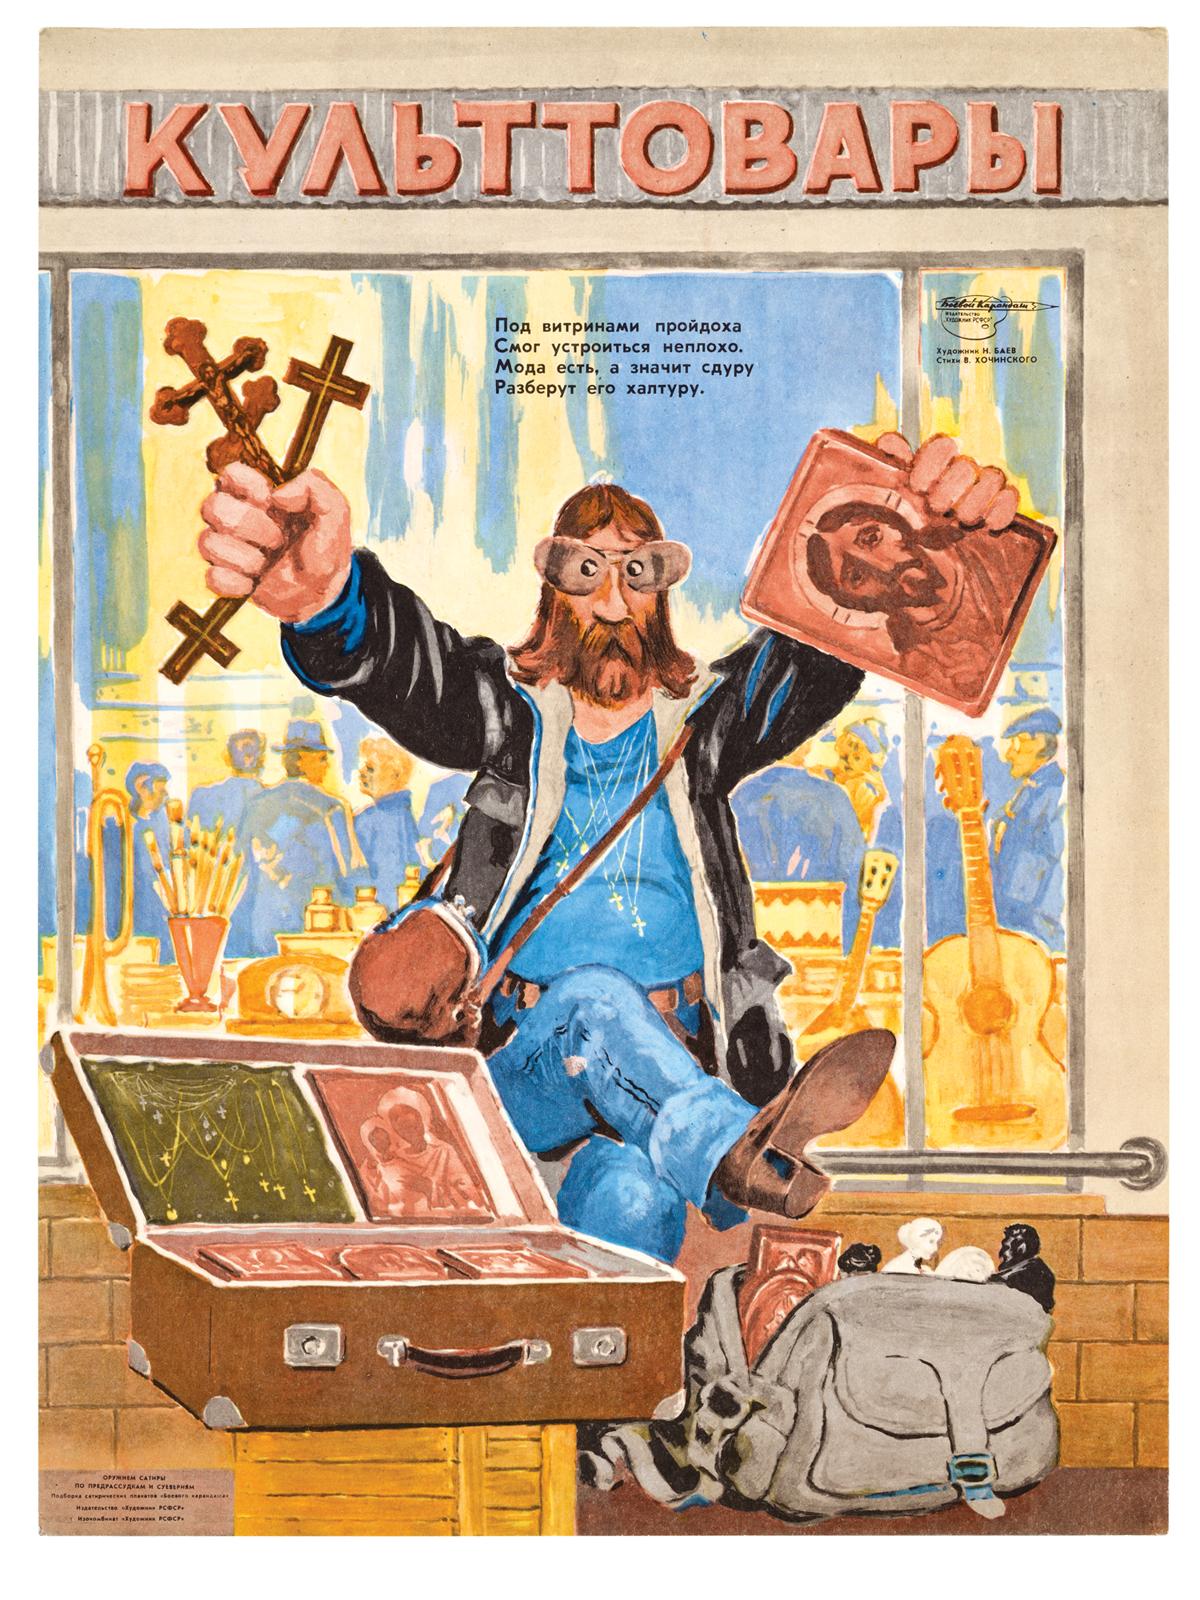 Η «νυφίτσα» -ένας χίπης μισοντυμένος καλόγερος ή και το αντίστροφο- πουλάει την πραμάτεια του έξω από το κατάστημα που, σημειωτέον, στη βιτρίνα του εκθέτει «πολιτισμό» και όχι, λόγου χάρη, «υλιστικές» κονσέρβες (Πόστερ του 1984)